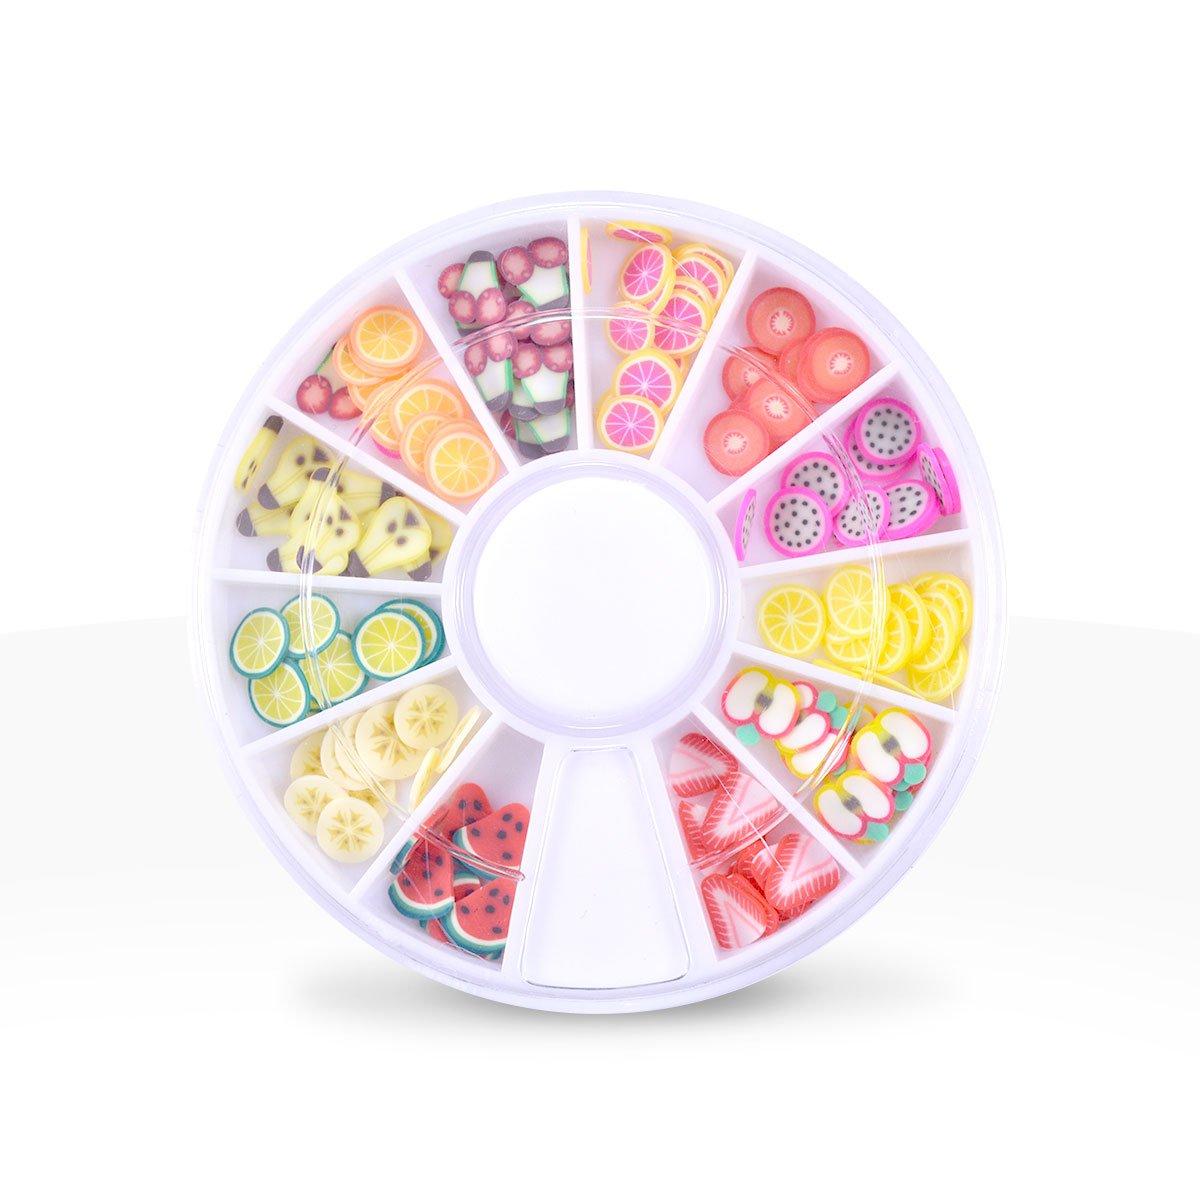 Ocibel - Carrousel Déco Fimo Fruit Nail Art - Manucure, Faux Ongles et Nail Art